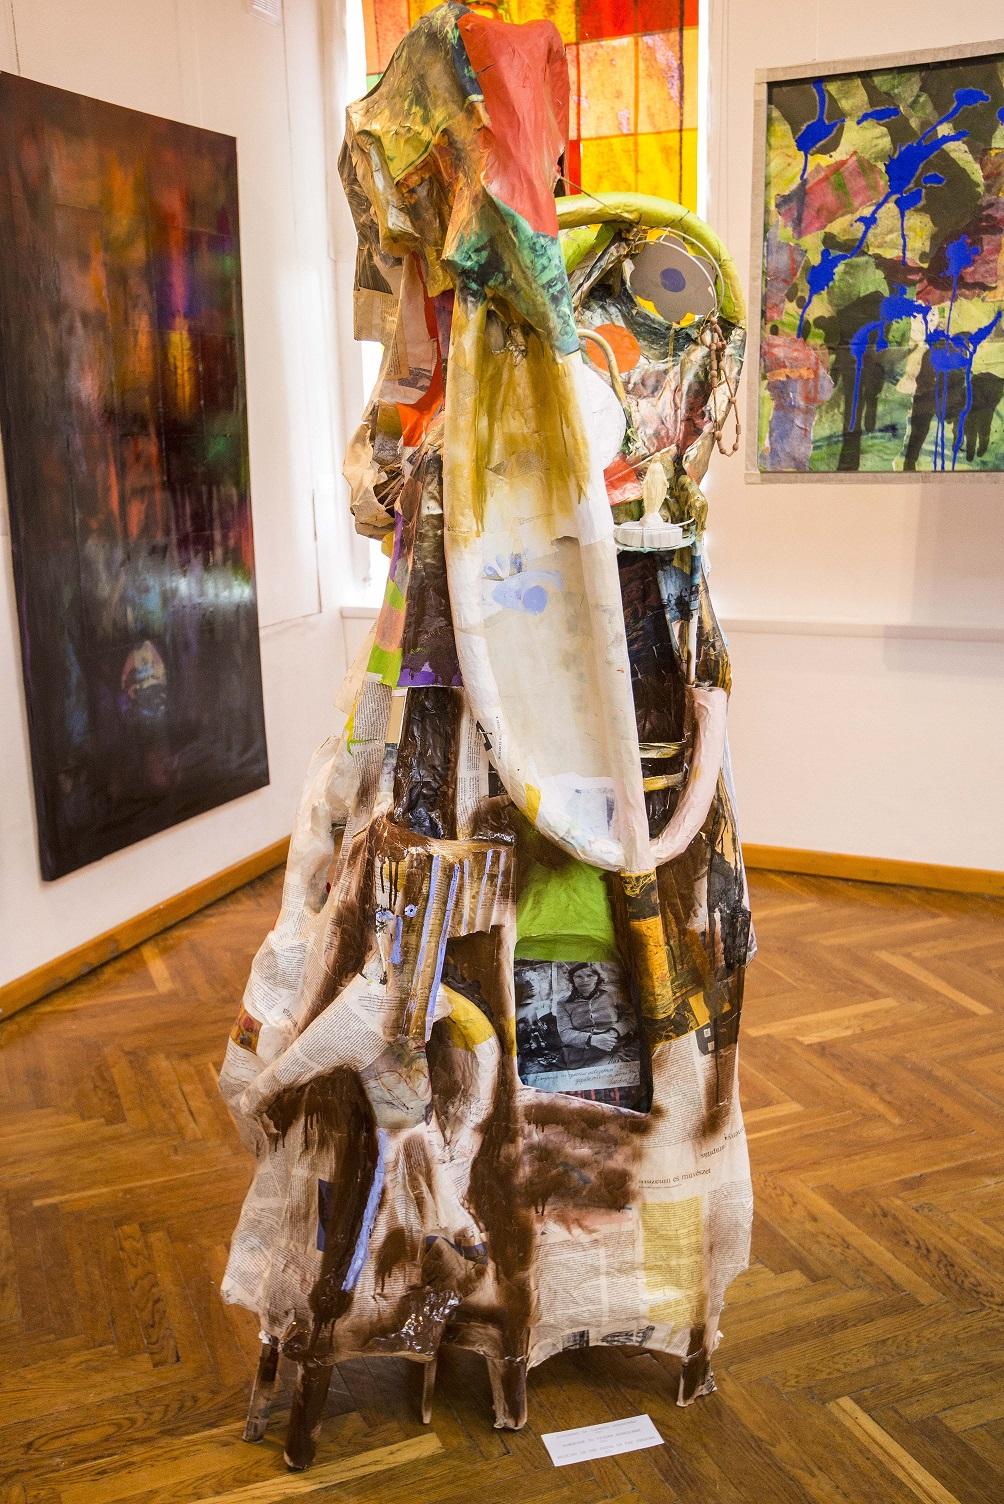 Авторский проект Валентины Ляхович: «Лучёсские экзерсисы» в Арт-центре Марка Шагала